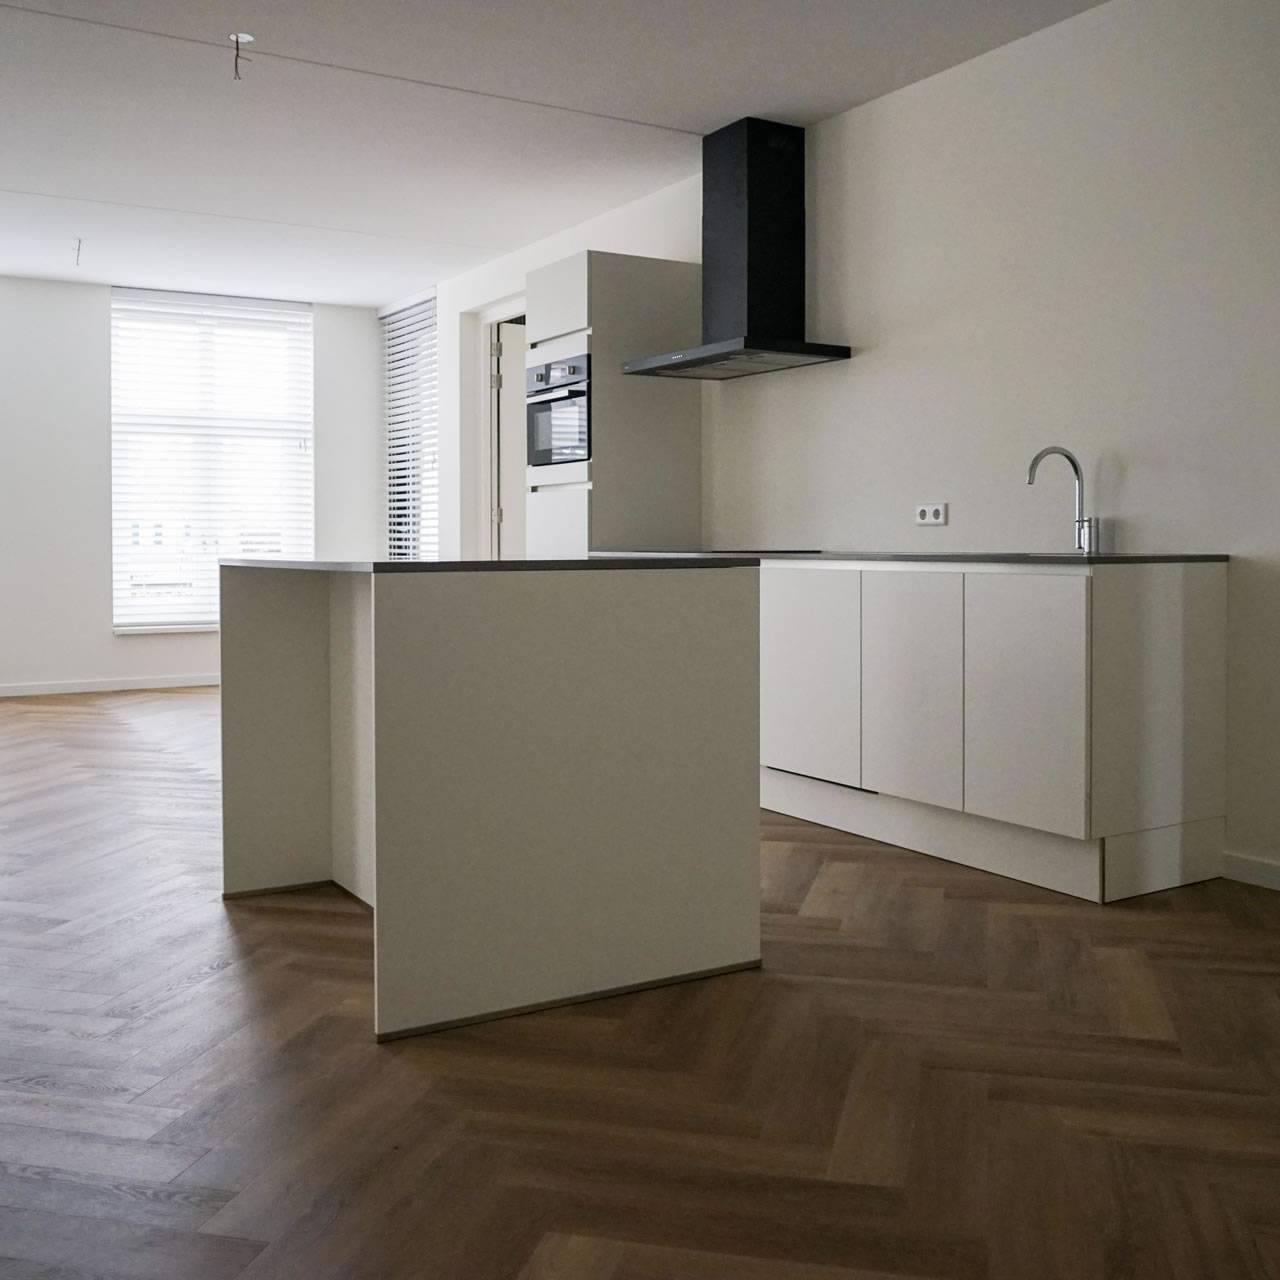 Verouden Bouwbedrijf - 6 luxe nieuwbouw appartementen - 41 - DSC05238